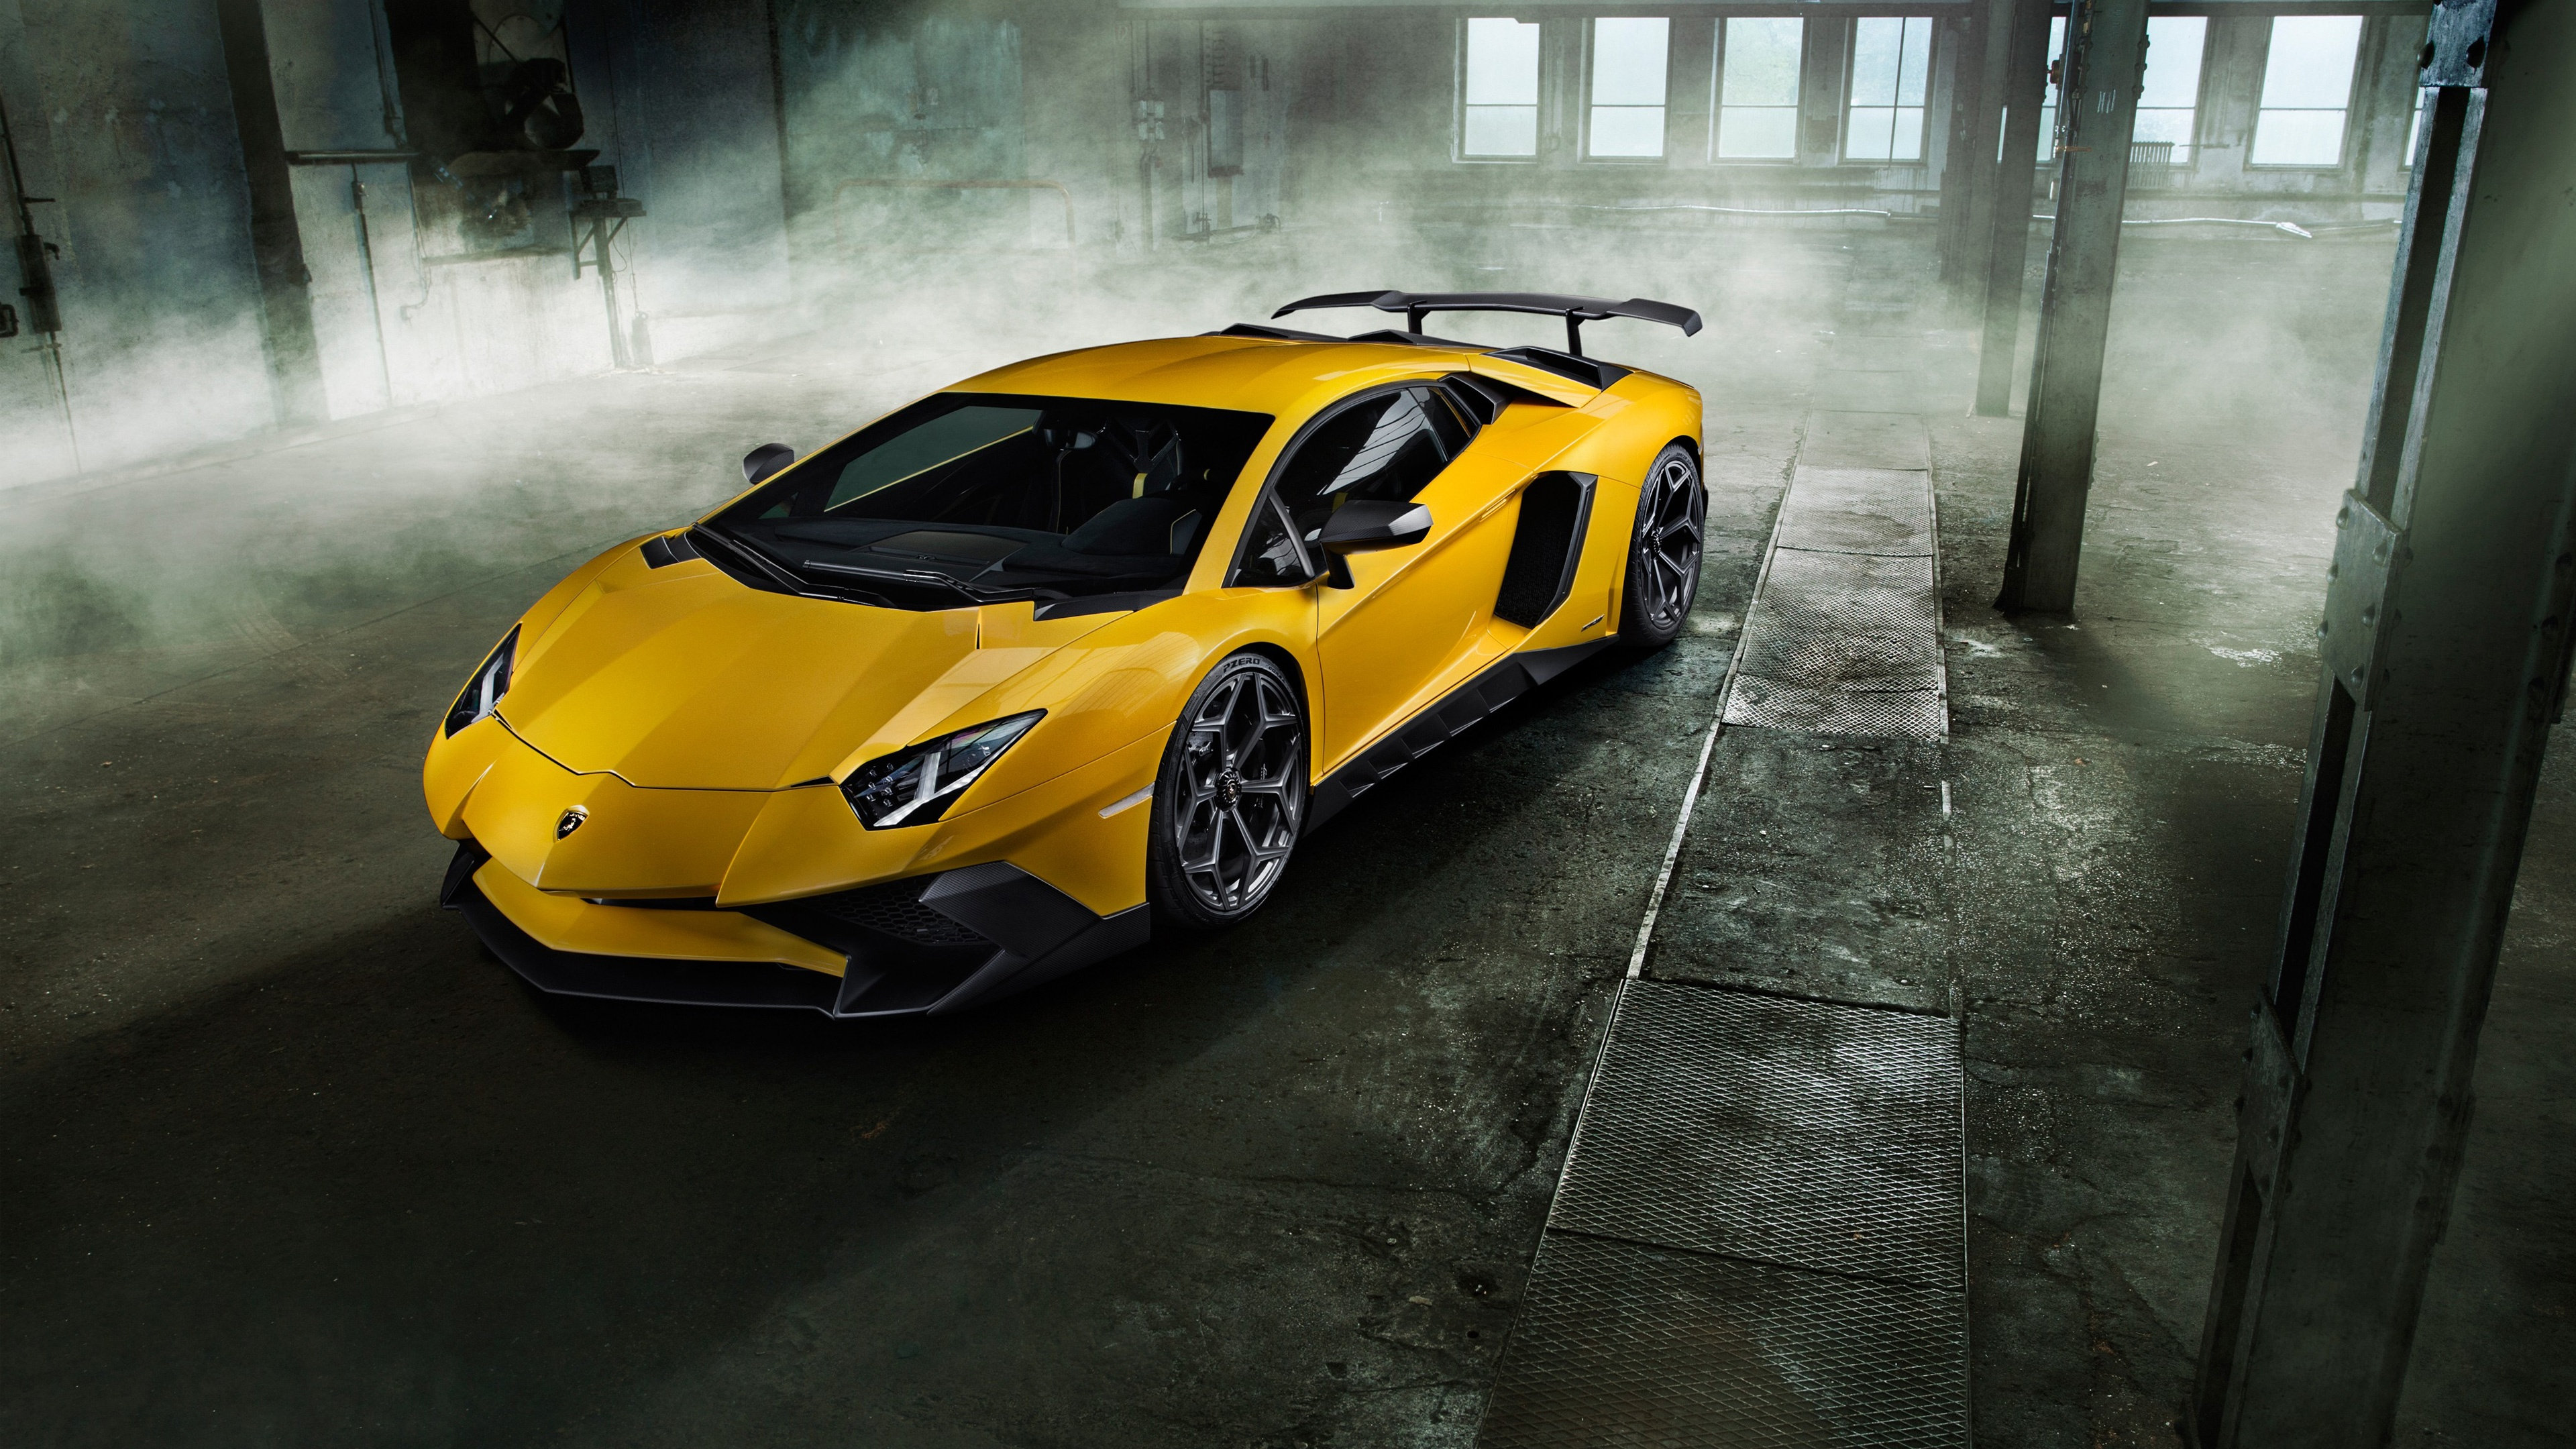 Image Result For Lamborghini Aventador